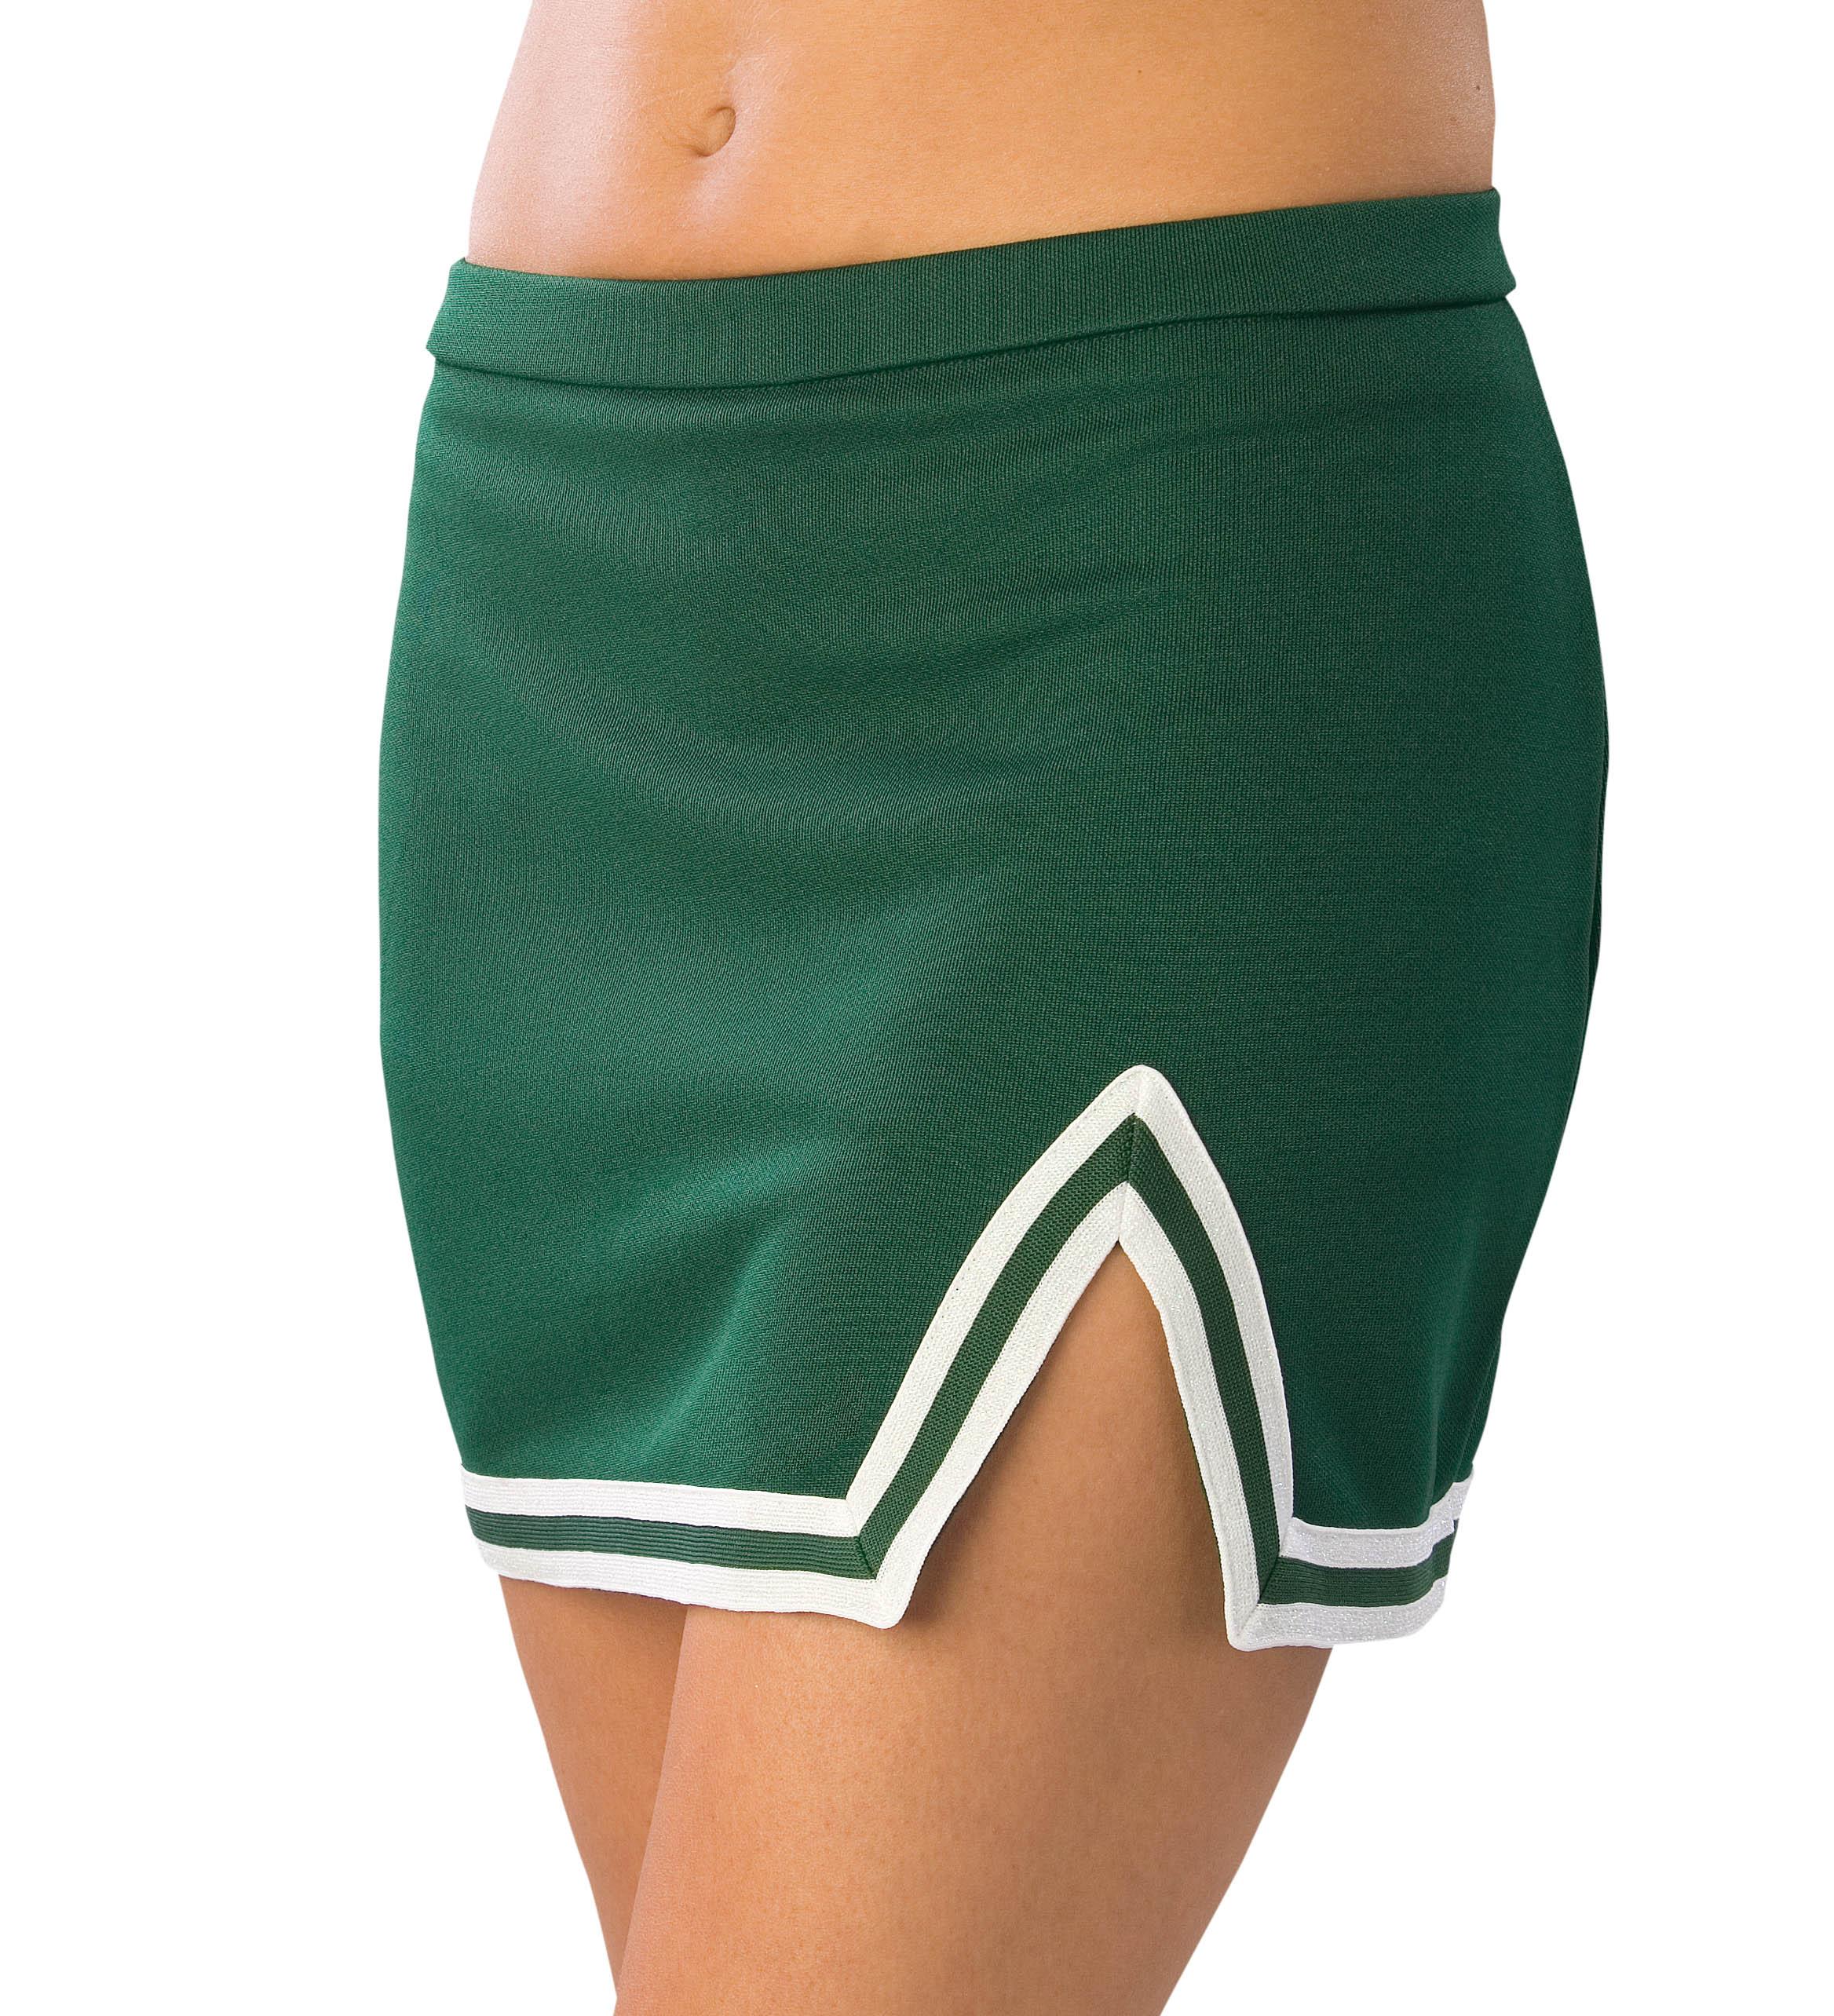 Cheer Skirt US15